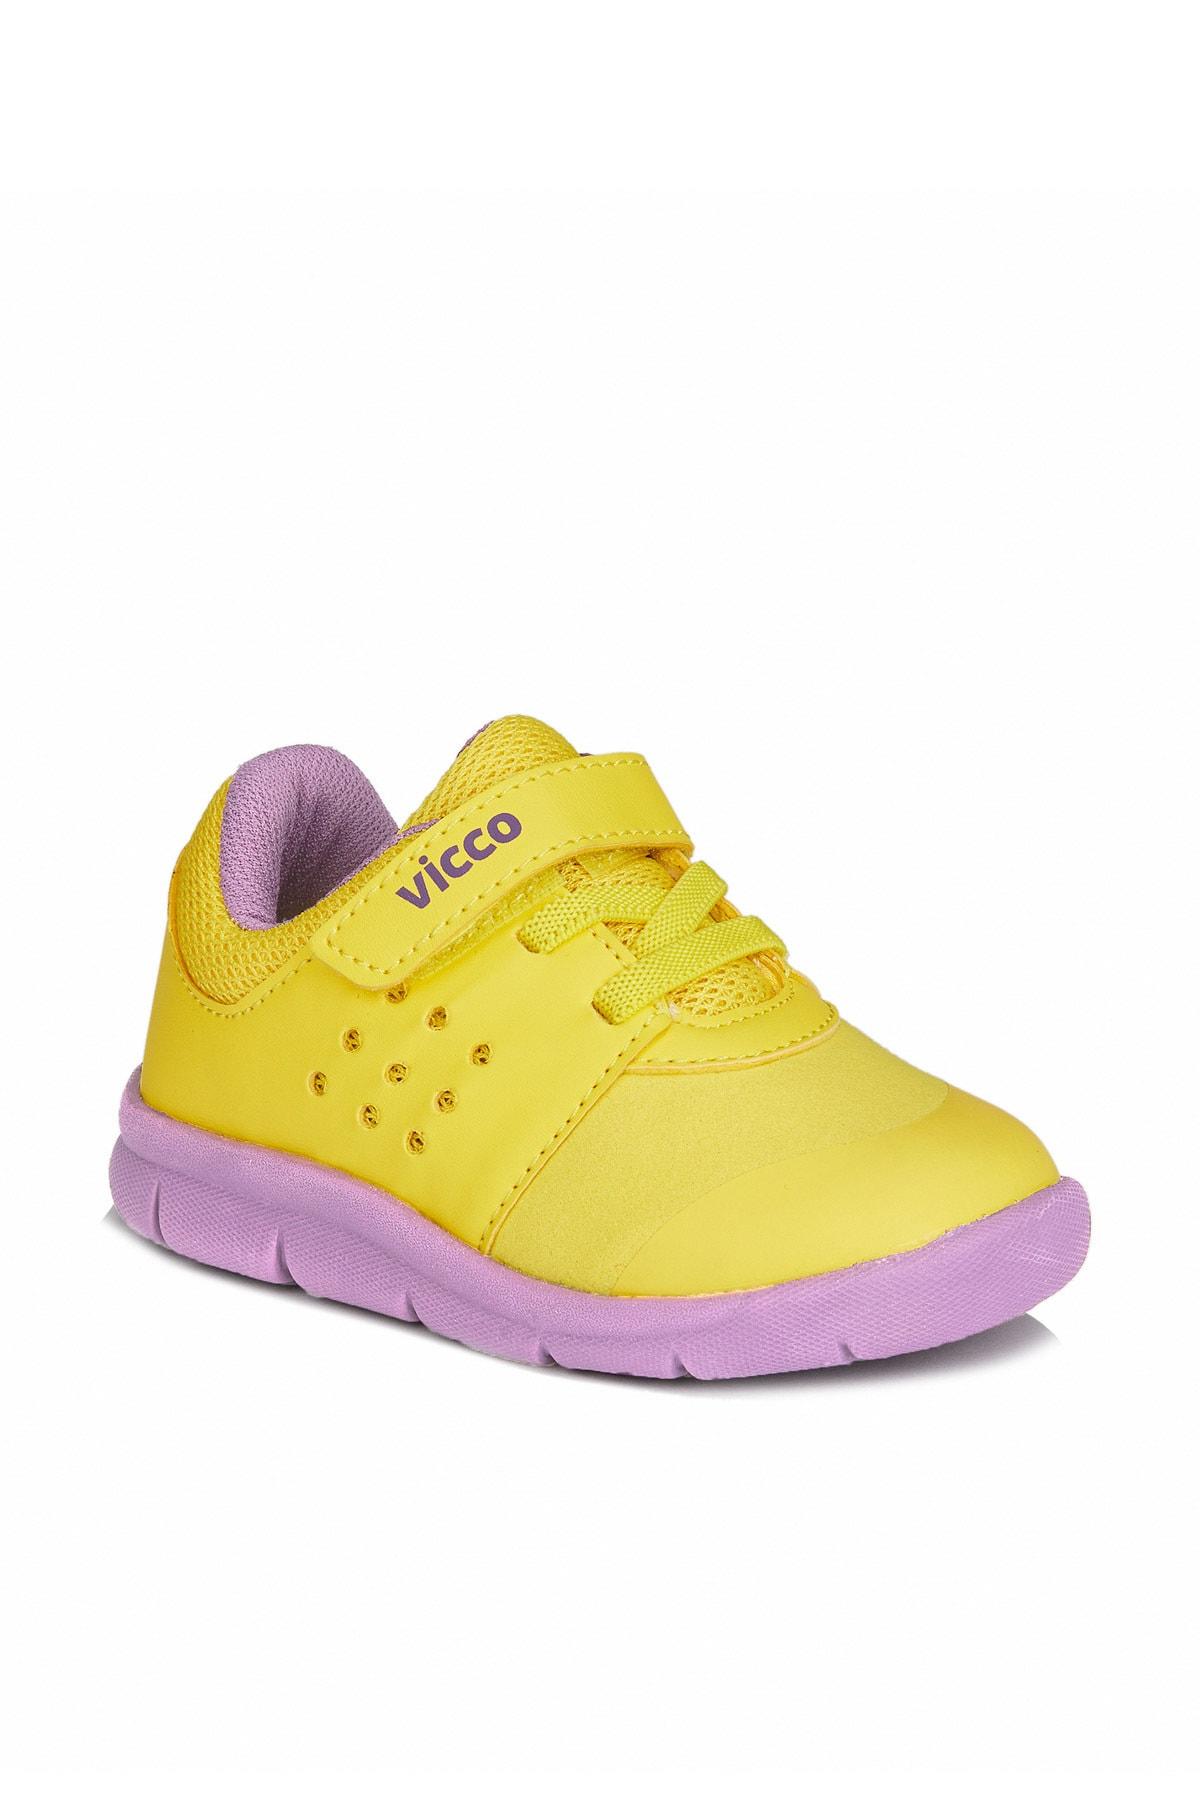 Vicco Mario Iı Unisex Bebe Sarı Spor Ayakkabı 1